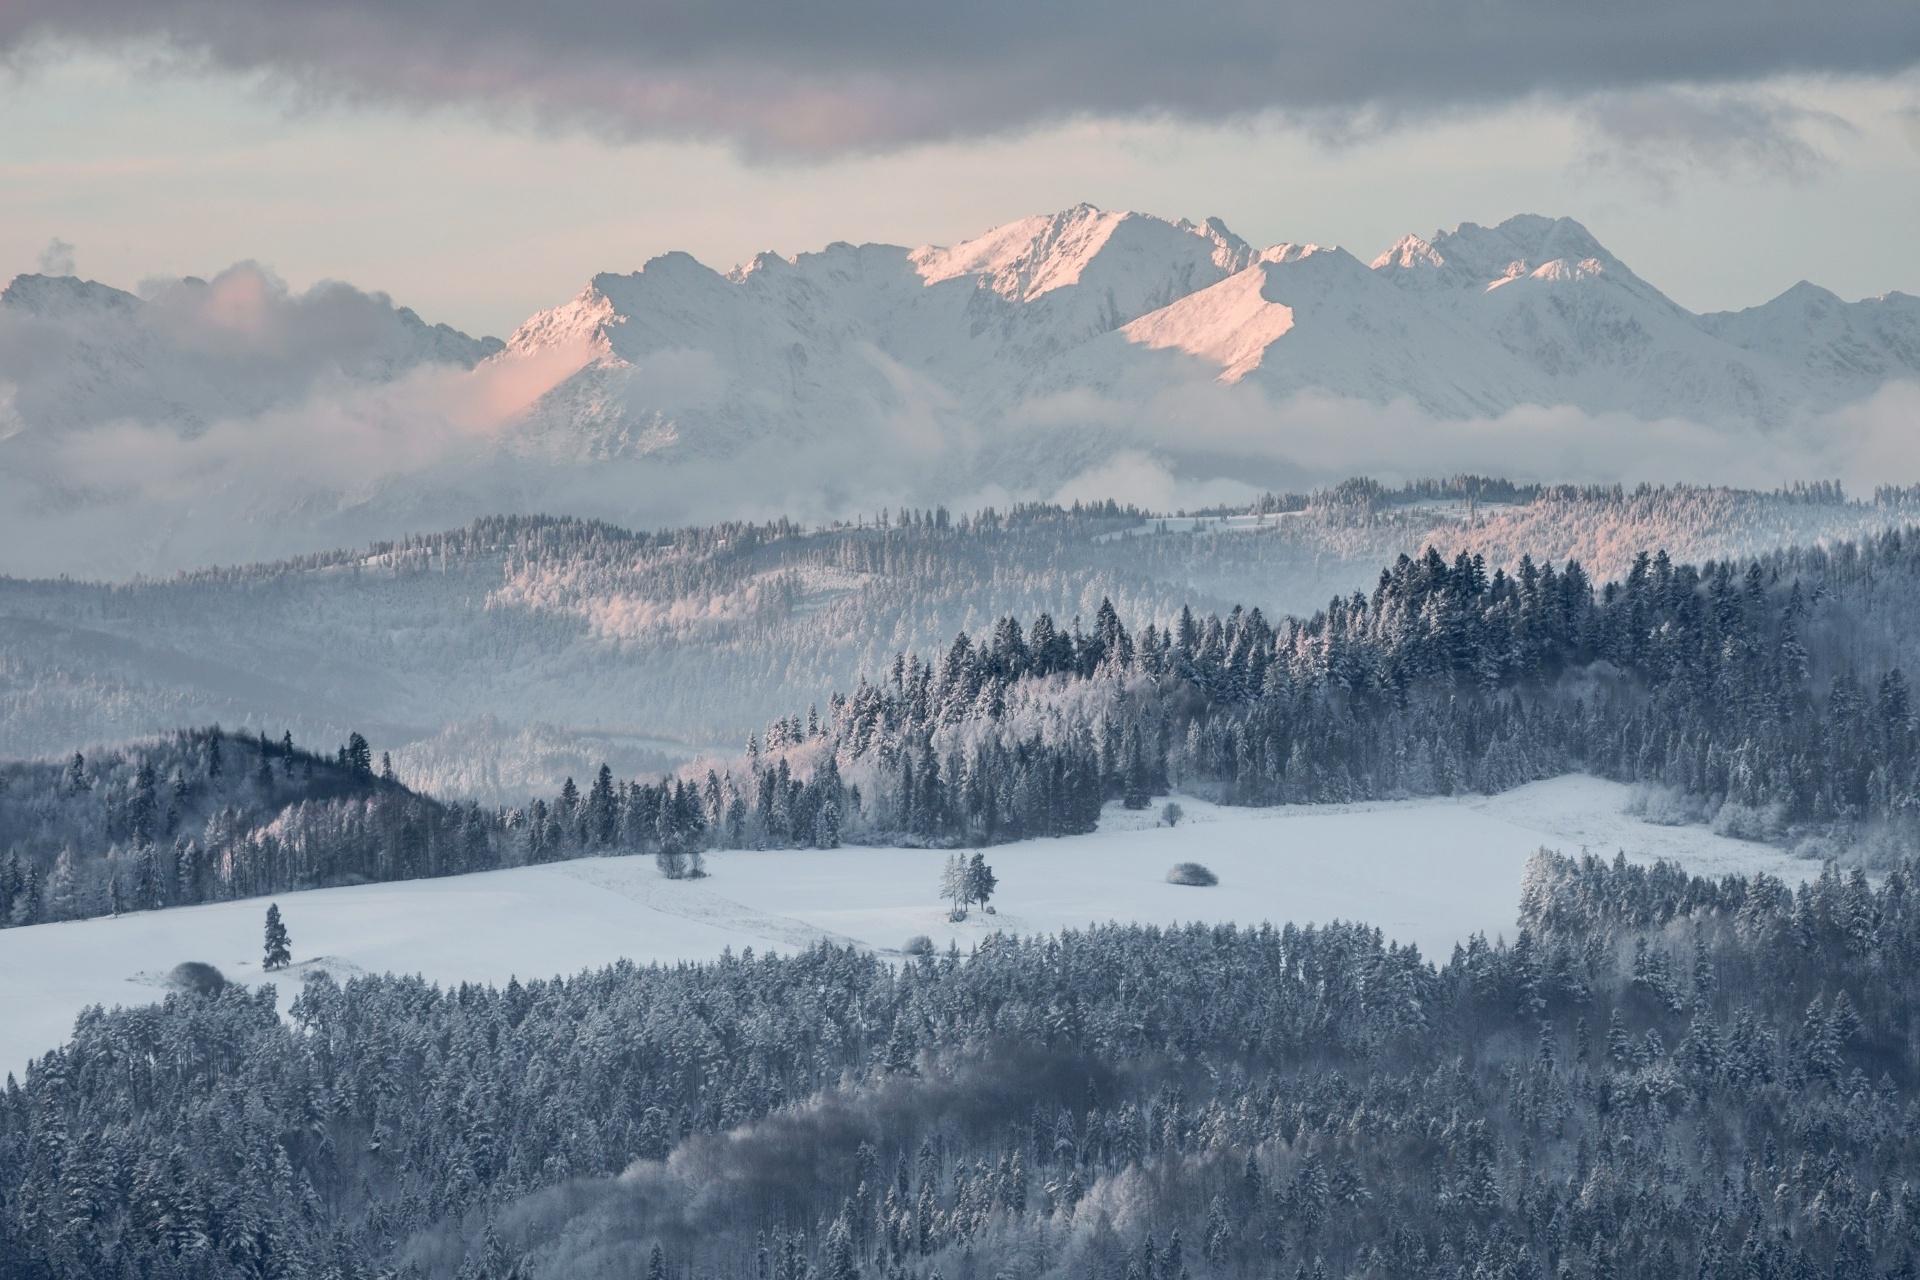 タトラ山脈 雪の朝のパノラマ風景